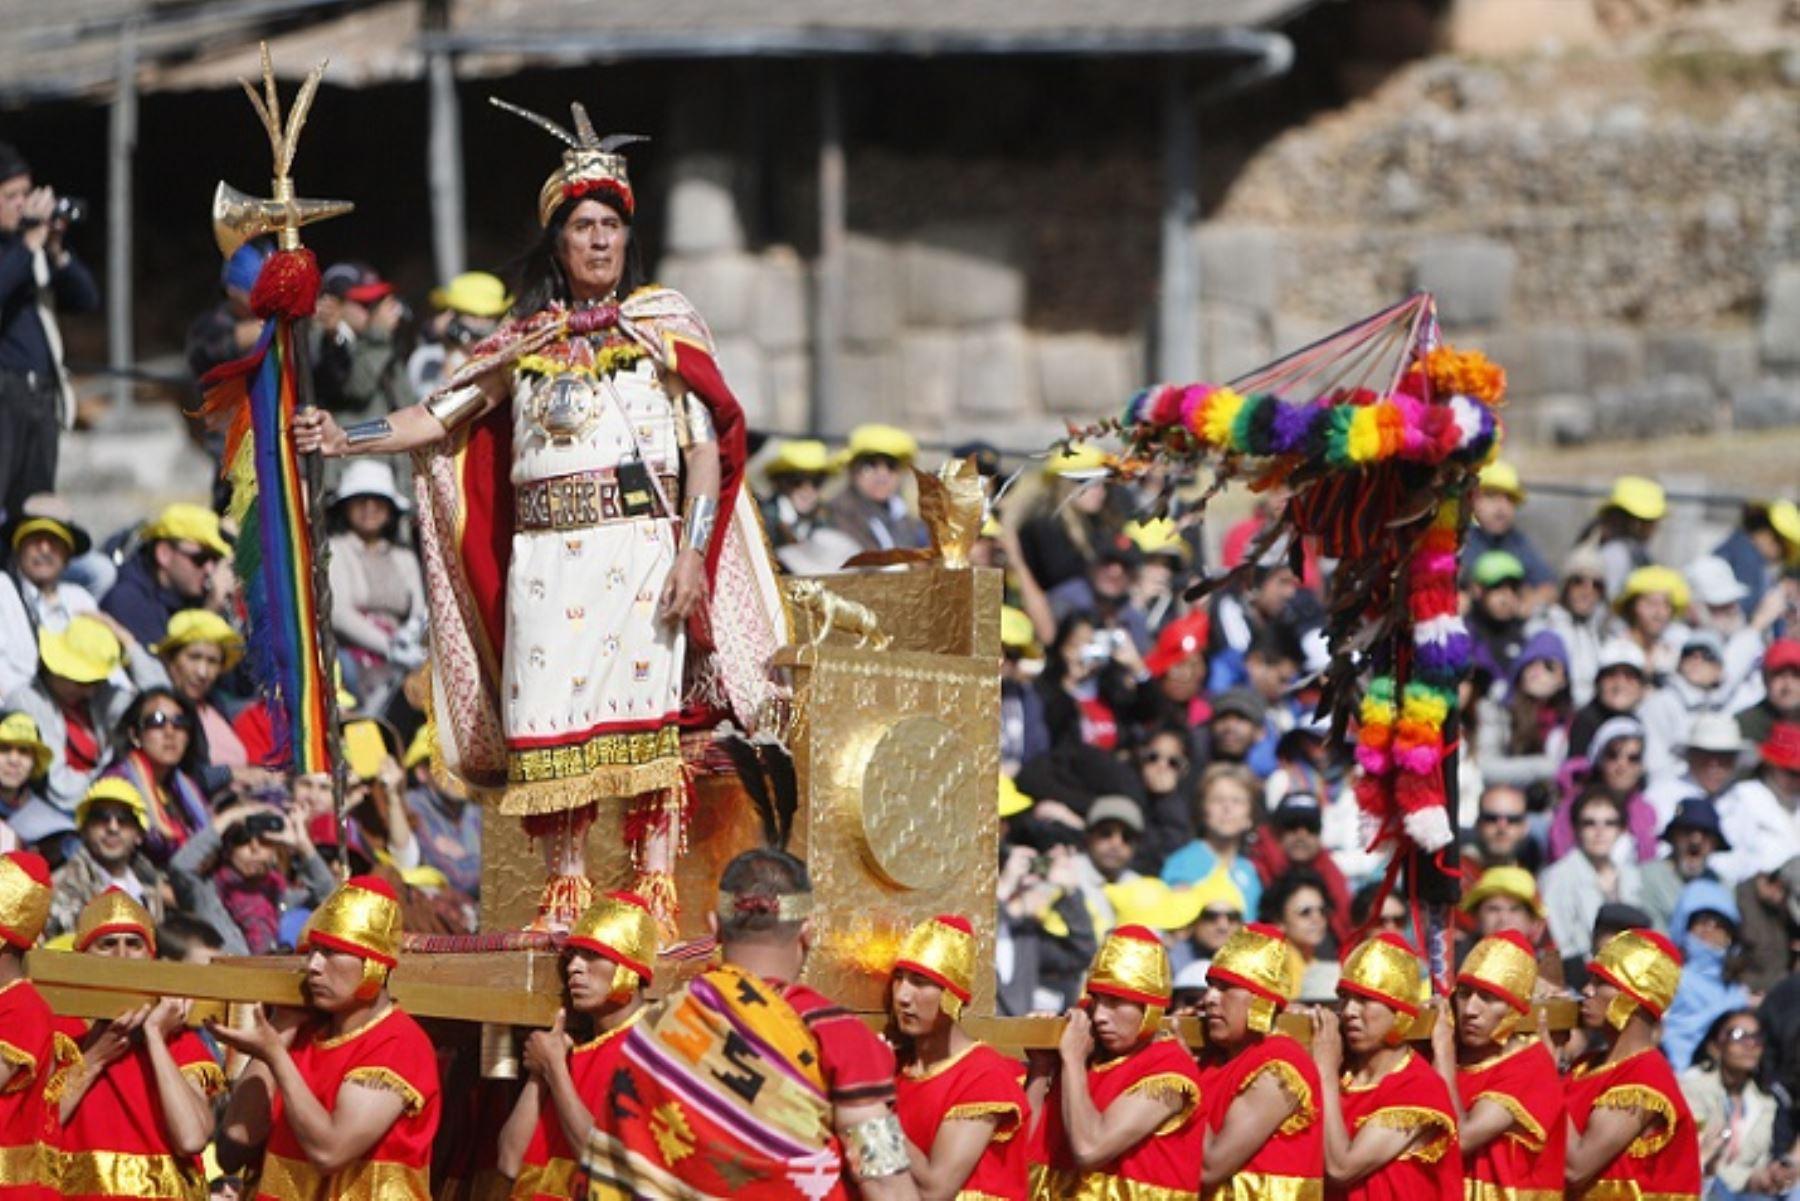 La Dirección Desconcentrada de Cultura de Cusco dispuso medidas de cuidado y protección del patrimonio cultural en el Parque Arqueológico de Sacsayhuamán durante la escenificación del Inti Raymi, a realizarse mañana 24 de junio, a fin de evitar que las construcciones incas sean afectadas por la gran cantidad de espectadores que habitualmente asisten a esta actividad. Foto: ANDINA/Percy Hurtado Santillán.